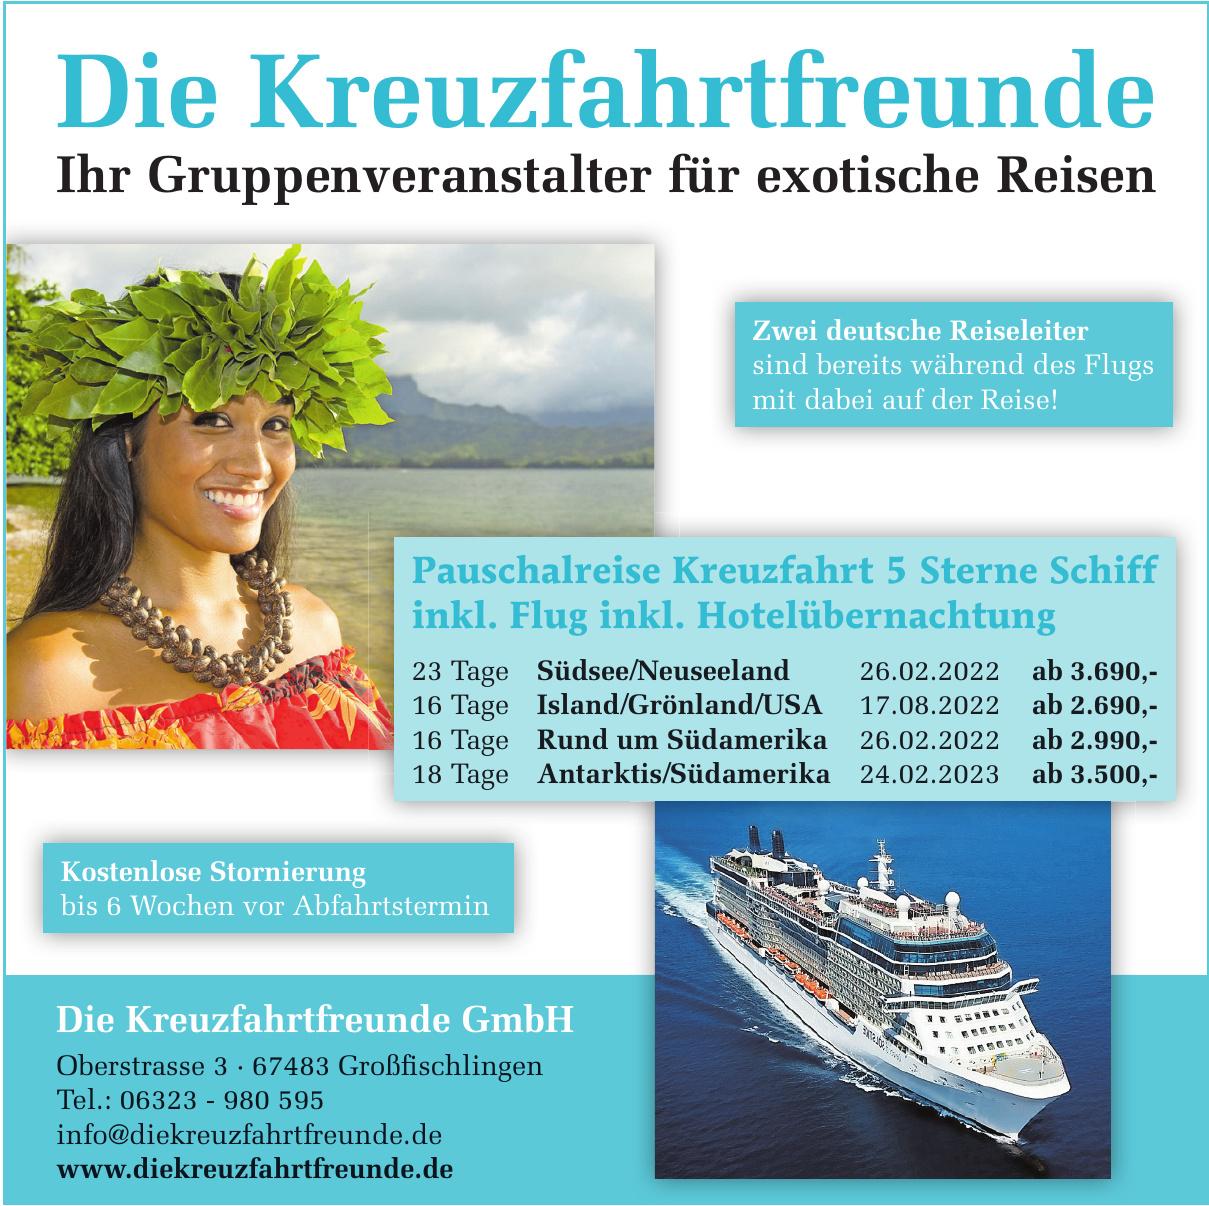 Die Kreuzfahrtfreunde GmbH